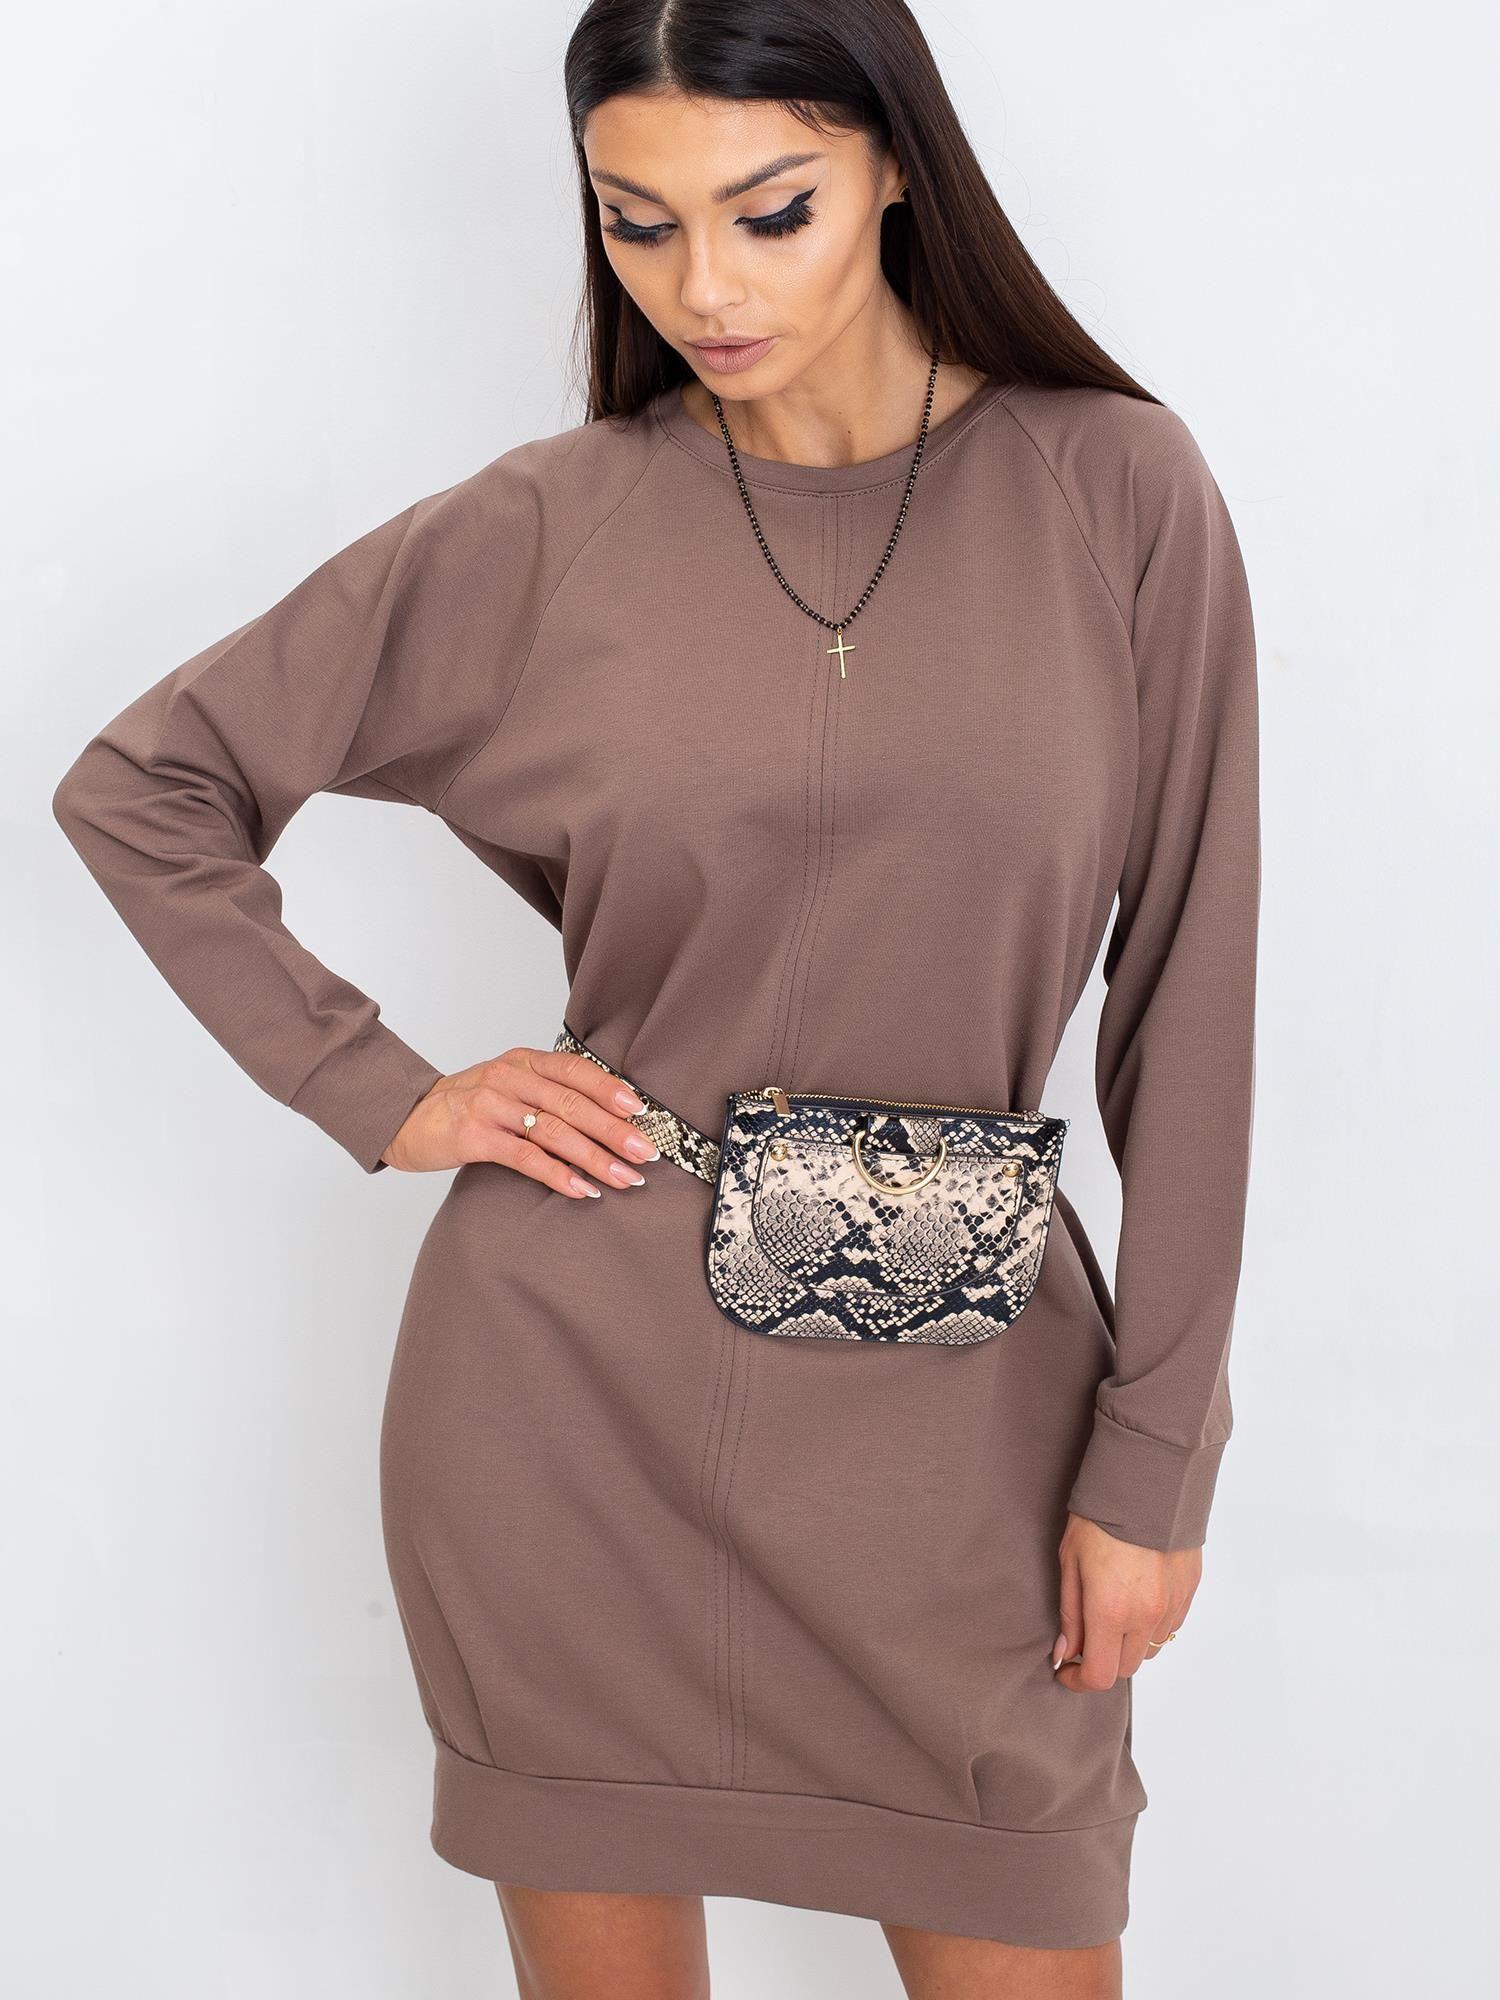 Tmavobéžové bavlnené šaty s dlhým rukávom - S/M